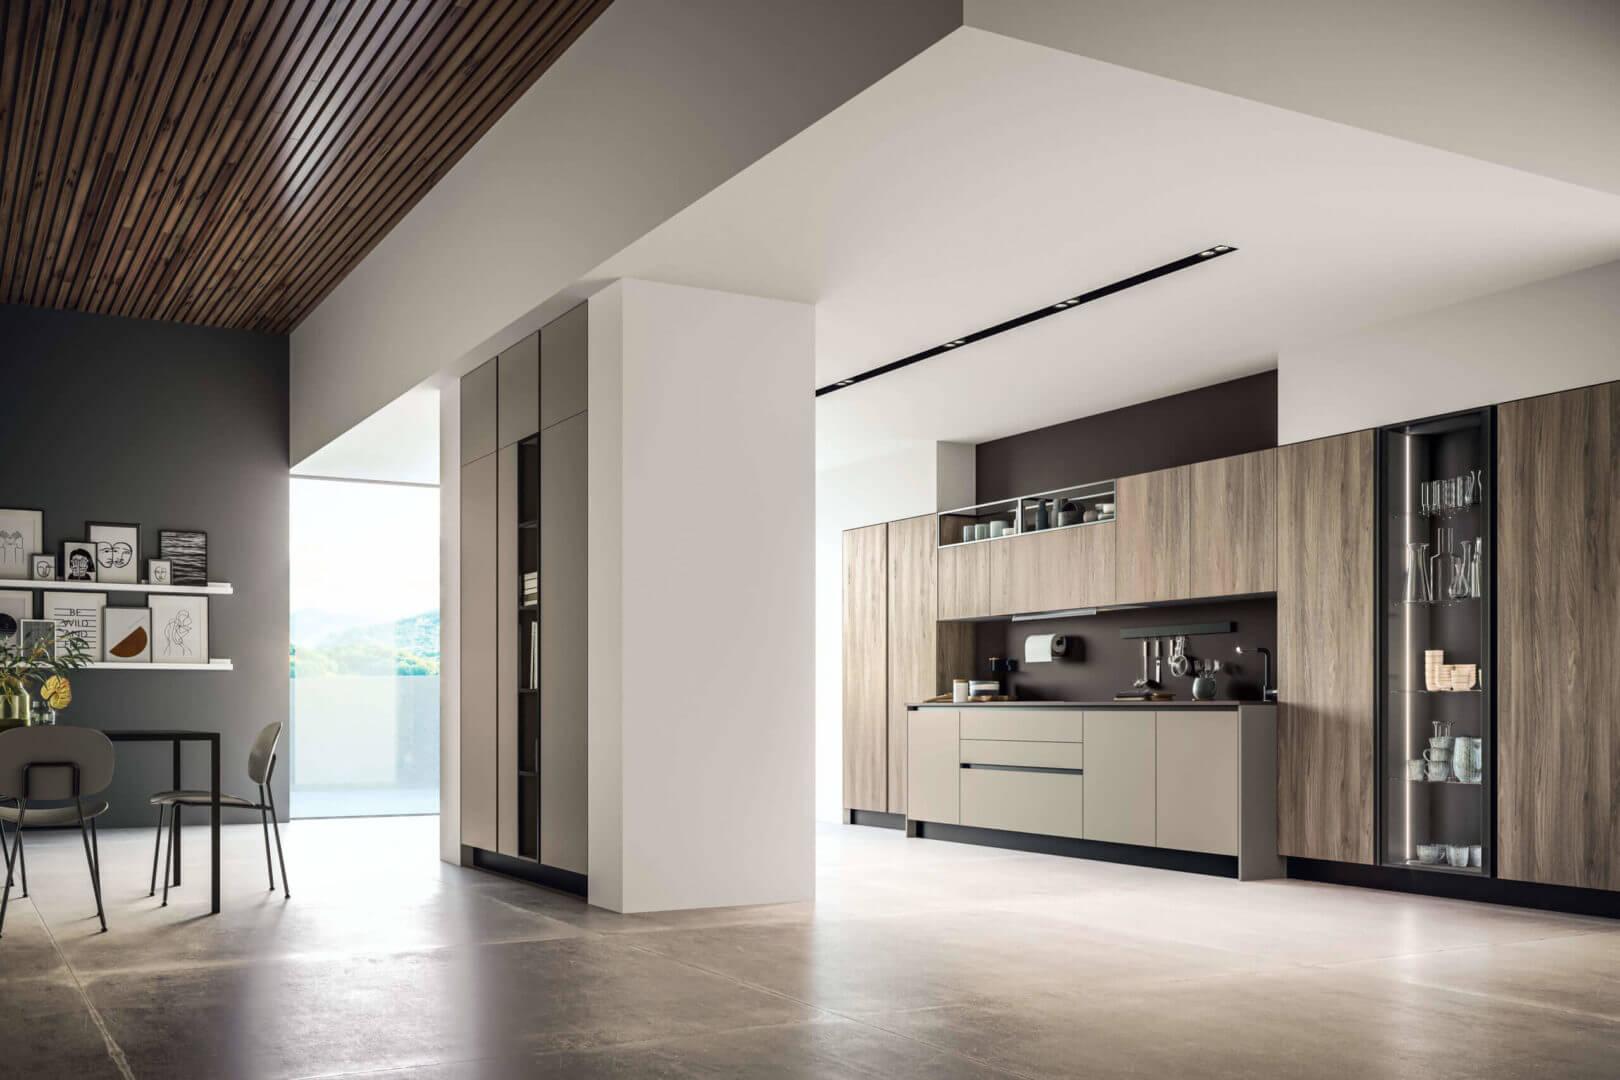 cucina moderna legno offerta padova